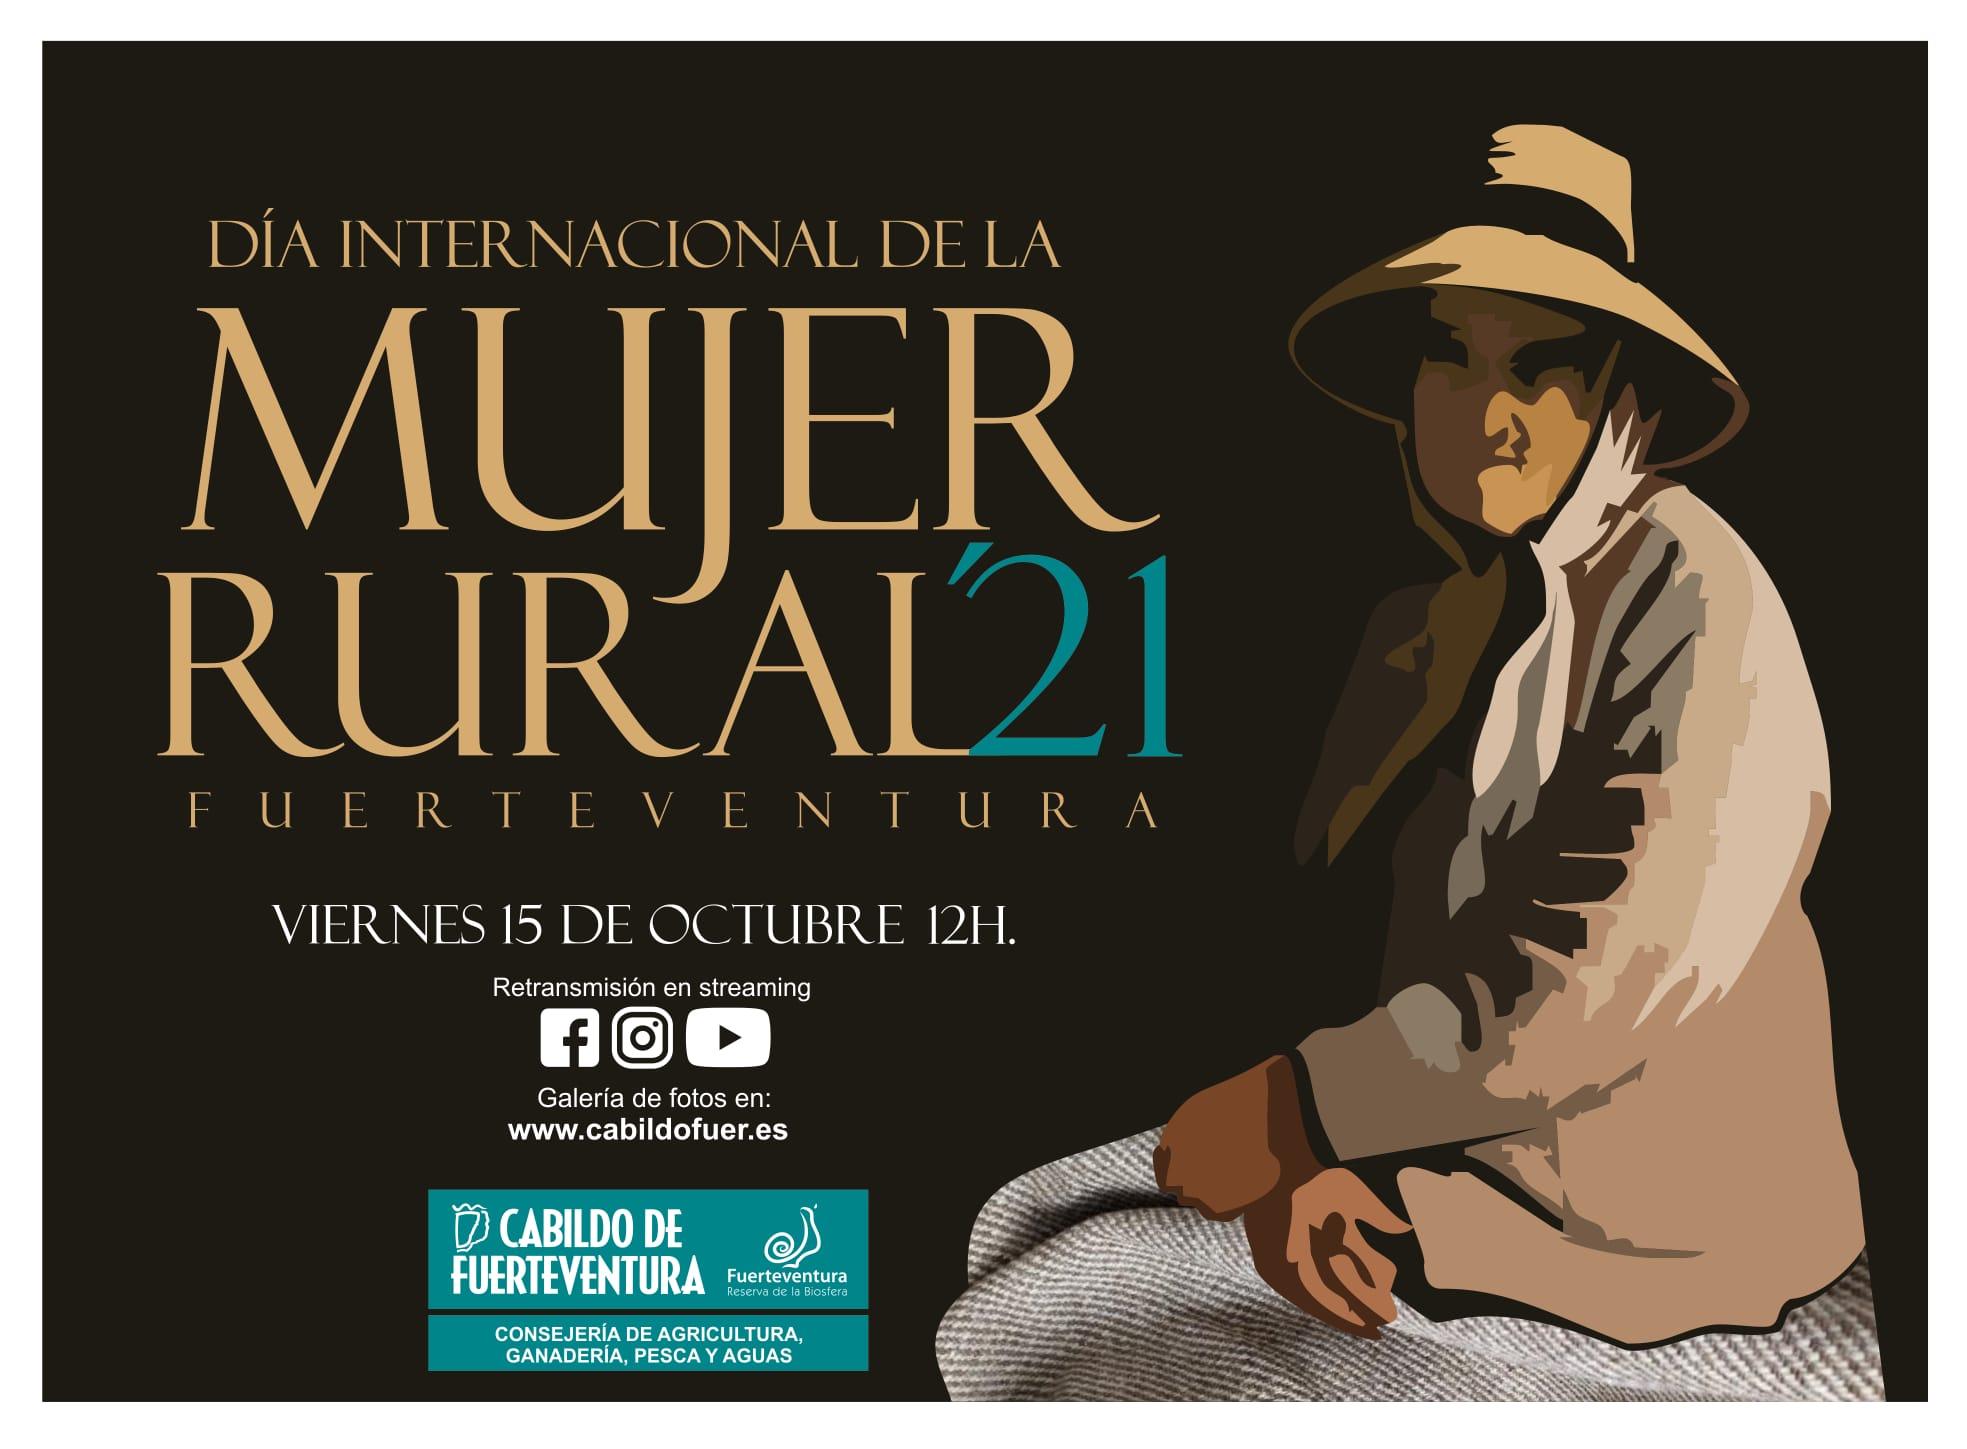 Día Internacional de las Mujeres Rurales en Fuerteventura